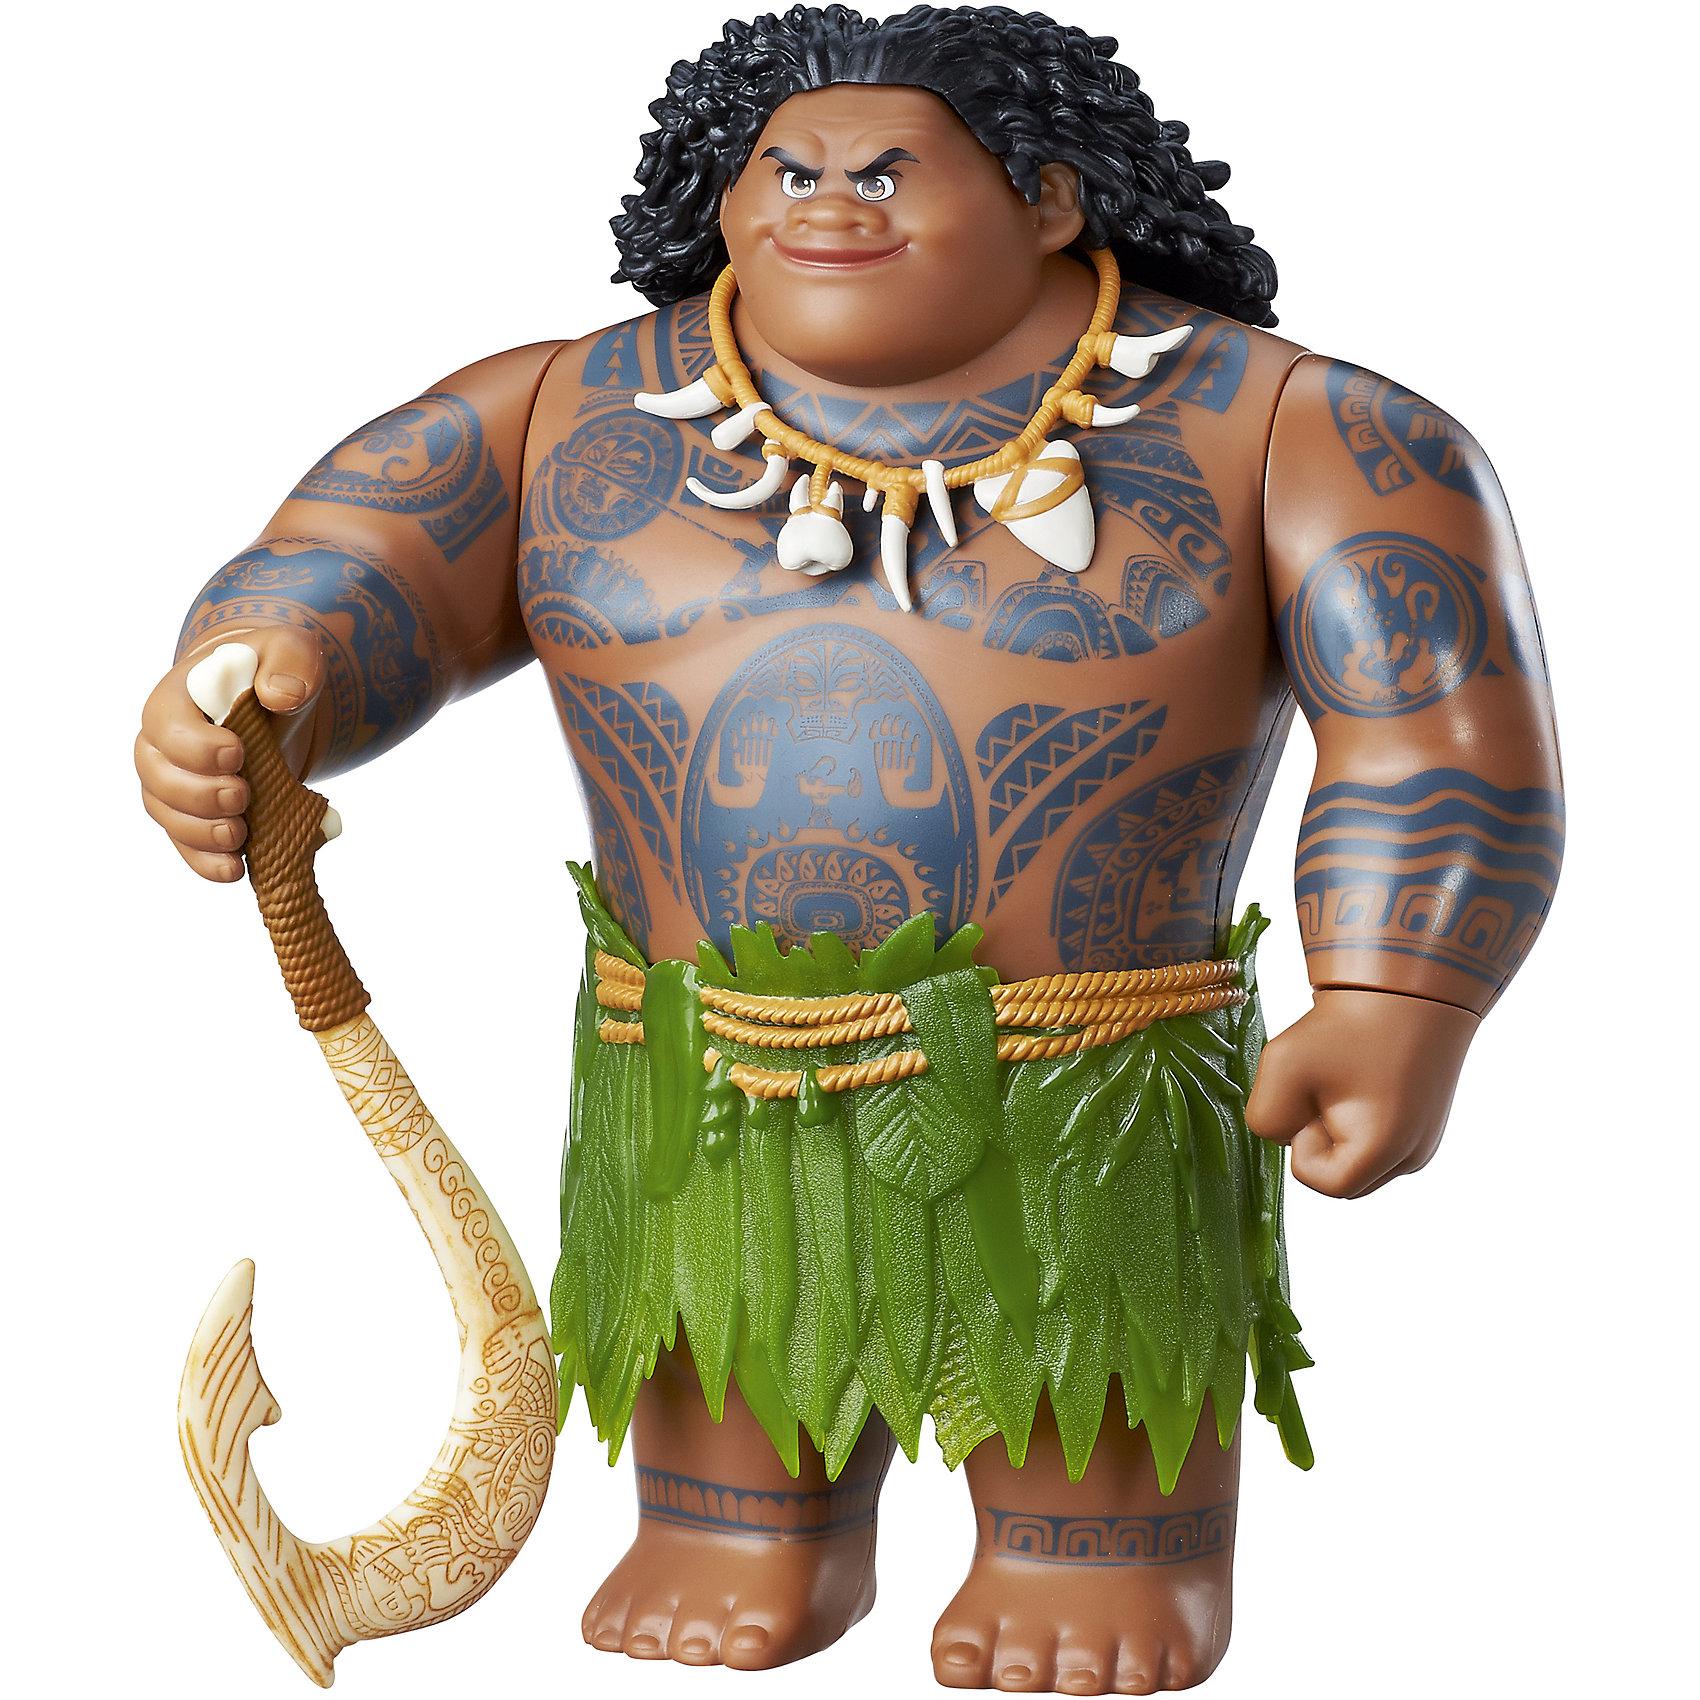 Фигурка Мауи, МоанаИгрушки<br>Фигурка Мауи, Моана, Hasbro (Хасбро)<br><br>Характеристики:<br> <br>• маленькая копия полюбившегося персонажа<br>• высокая детализация<br>• материал: пластик<br>• размер упаковки: 32,5х10,6х22,5 см<br>• в комплекте: Мауи, рыболовный крюк<br>• высота игрушки: 25 см<br><br>Полубог Мауи с рыболовным крюком понравится любителям мультфильма Моана. Игрушка имеет высокую детализацию, что, бесспорно, впечатлит ребенка и поможет ему придумать новые интересные истории про полюбившегося героя. Игрушка изготовлена из прочного нетоксичного пластика, безвредного для ребенка.<br><br>Фигурку Мауи, Hasbro (Хасбро), Моана вы можете купить в нашем интернет-магазине.<br><br>Ширина мм: 106<br>Глубина мм: 225<br>Высота мм: 325<br>Вес г: 913<br>Возраст от месяцев: 36<br>Возраст до месяцев: 144<br>Пол: Женский<br>Возраст: Детский<br>SKU: 5205214